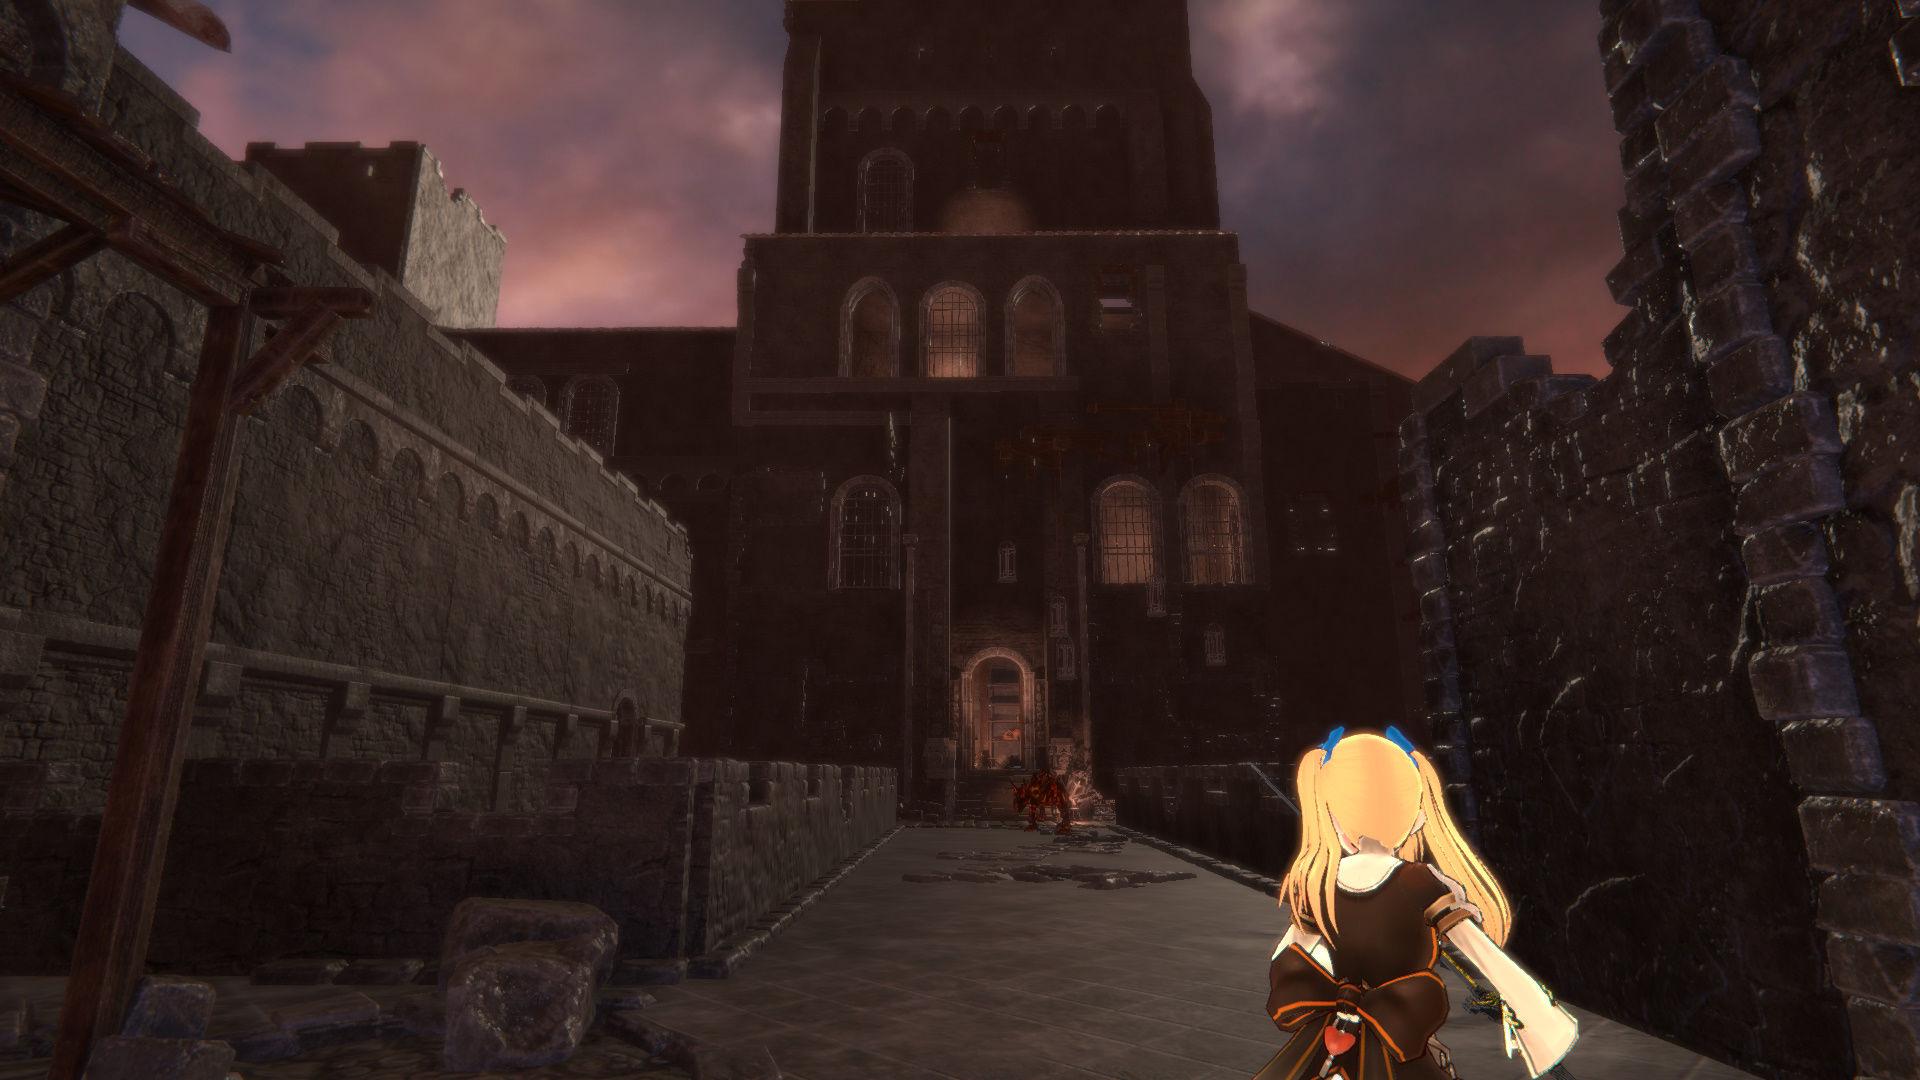 淫魔界2: カムラン